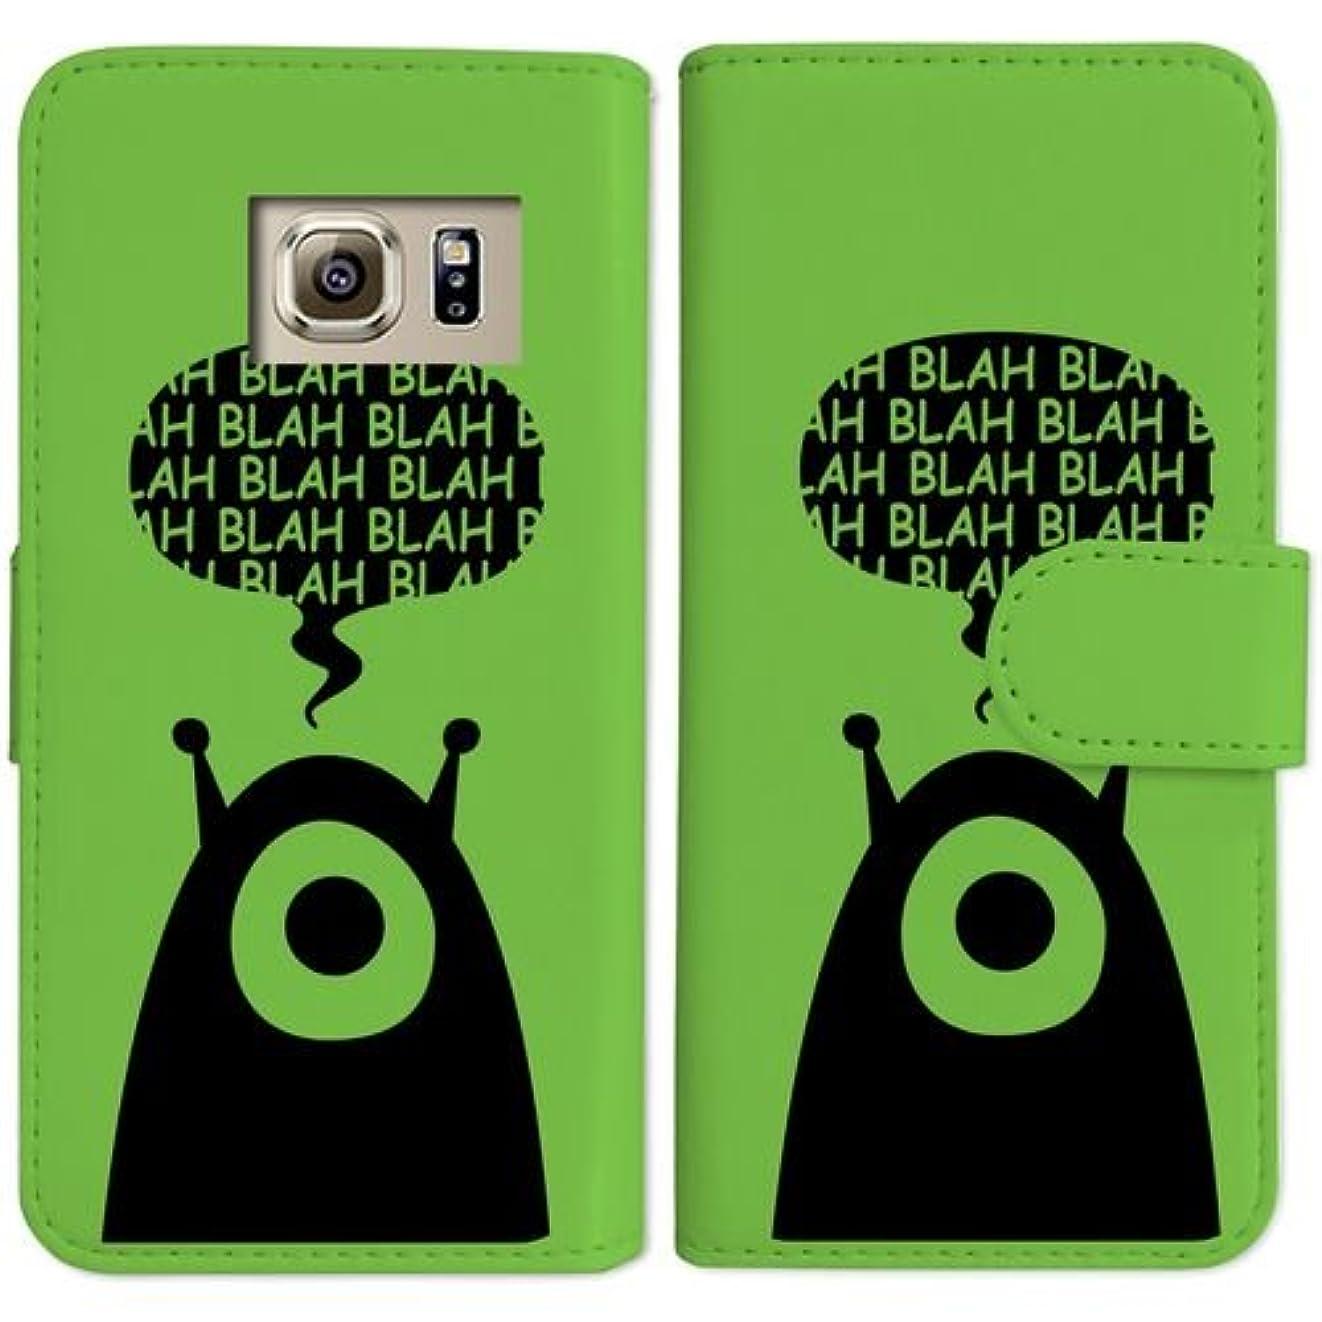 遠い素晴らしき気付くsslink SC-04G/SCV31/404SC GALAXY S6 edge ギャラクシー 手帳型 グリーン ケース エイリアン 宇宙人 ブラック ロゴ ダイアリータイプ 横開き カード収納 フリップ カバー